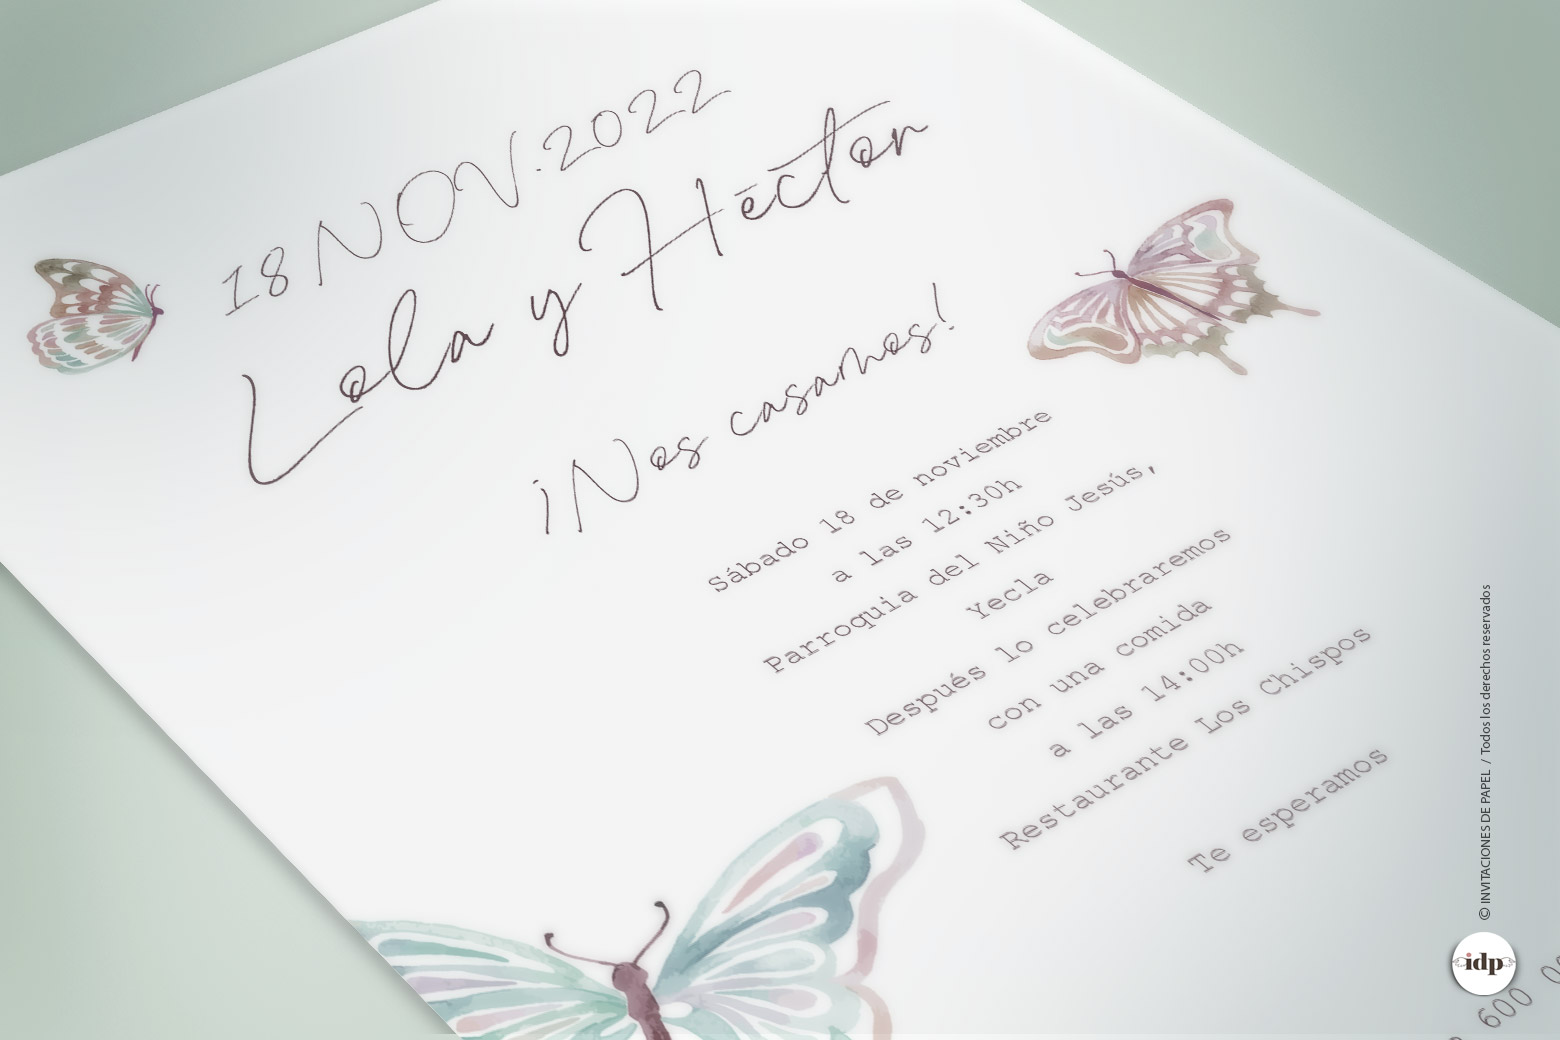 Invitacion de Boda Sencilla, Original con Mariposa en acuarela - butterfly